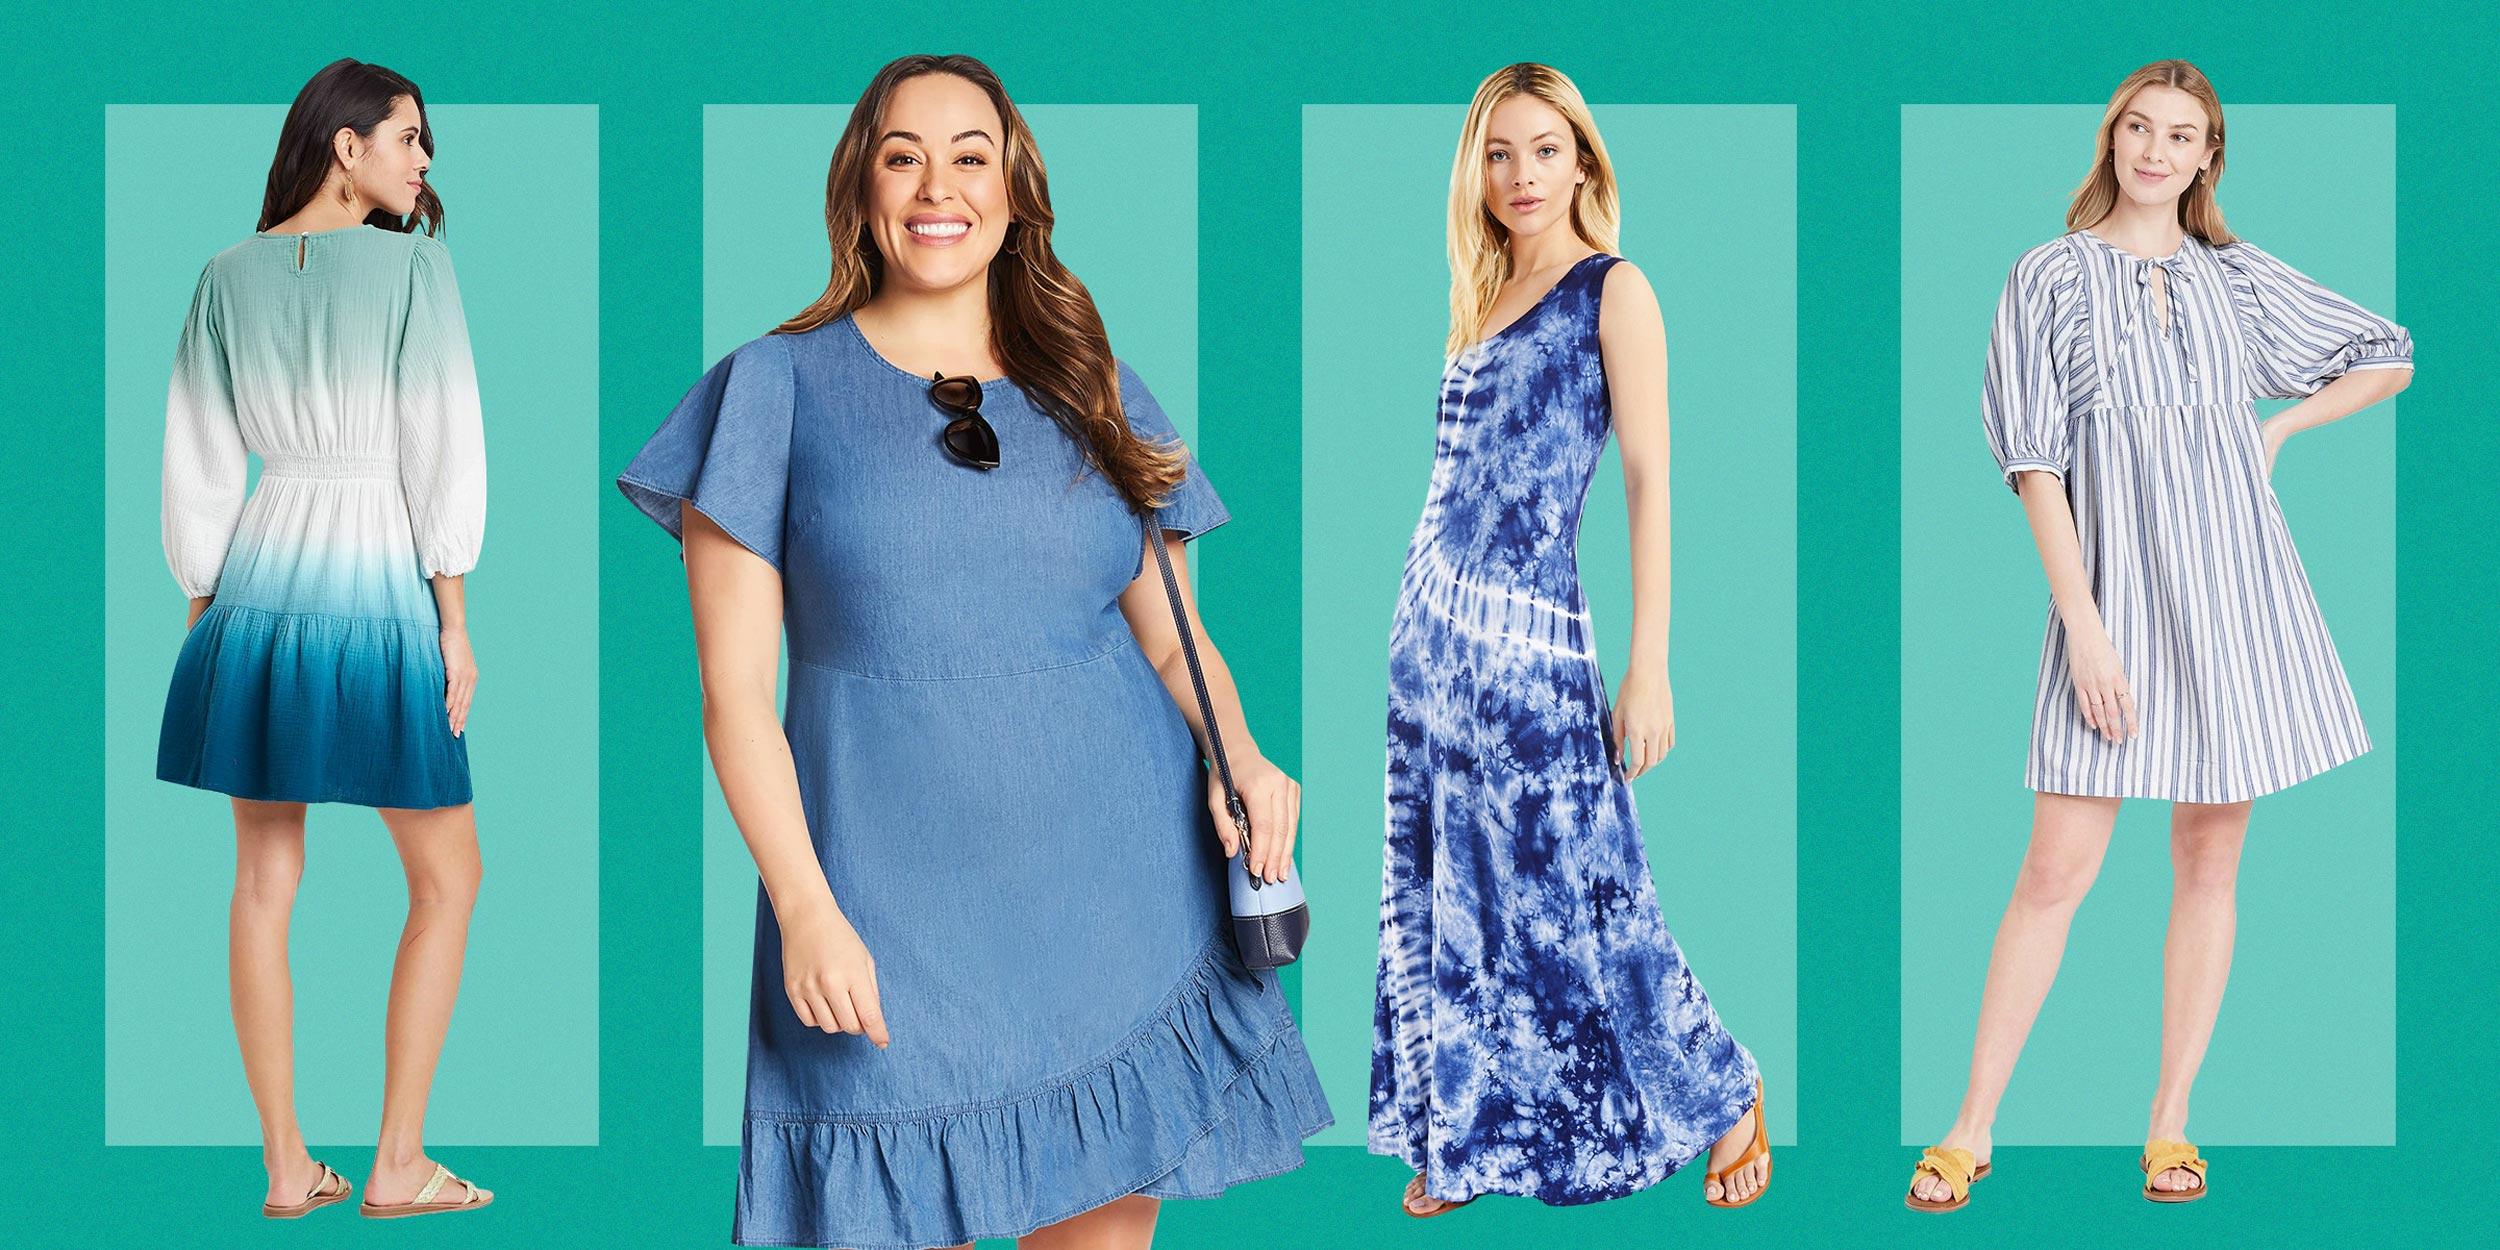 Women/'s Sleeveless Tie Dye Short Dress T-Shirt Summer Casual Tank Beach Sundress